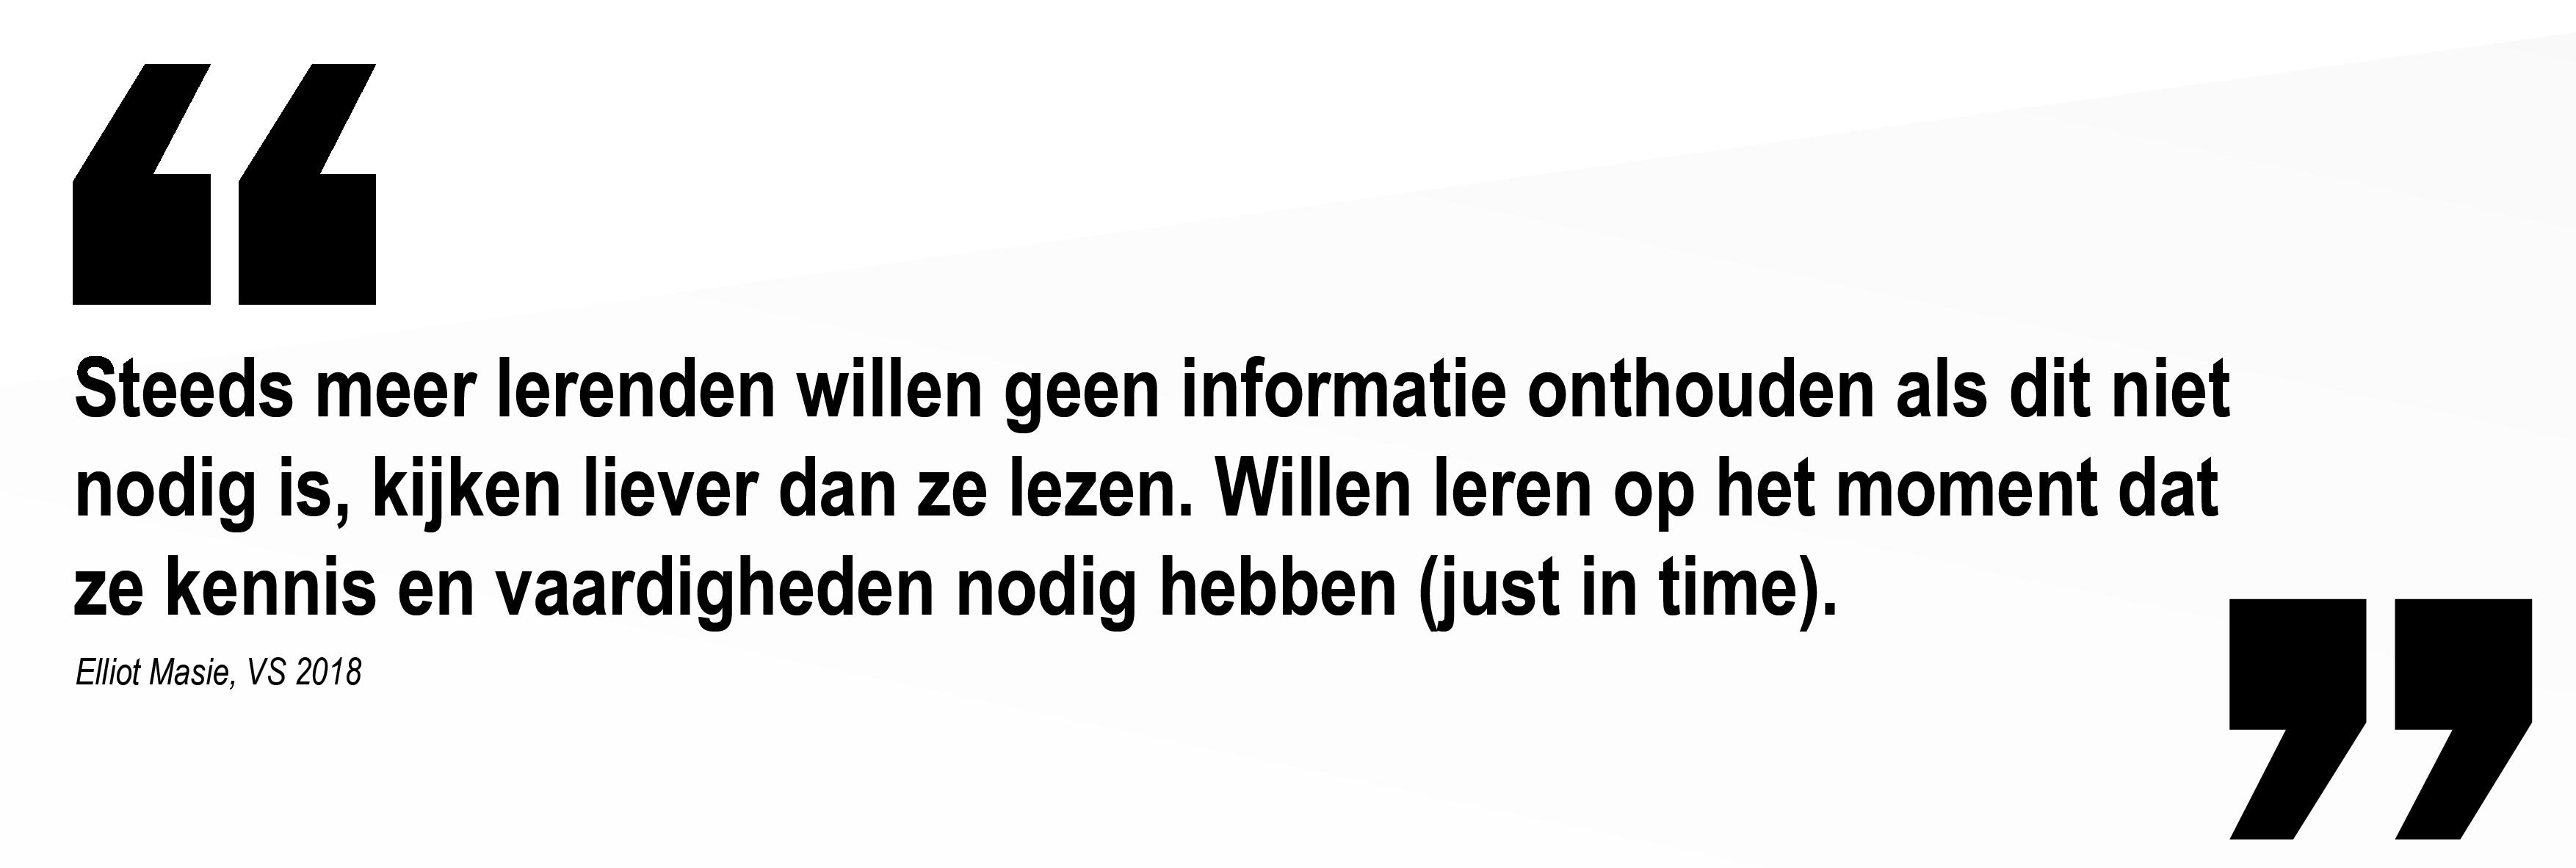 Quote 3 DTS ACtief_Tekengebied 1